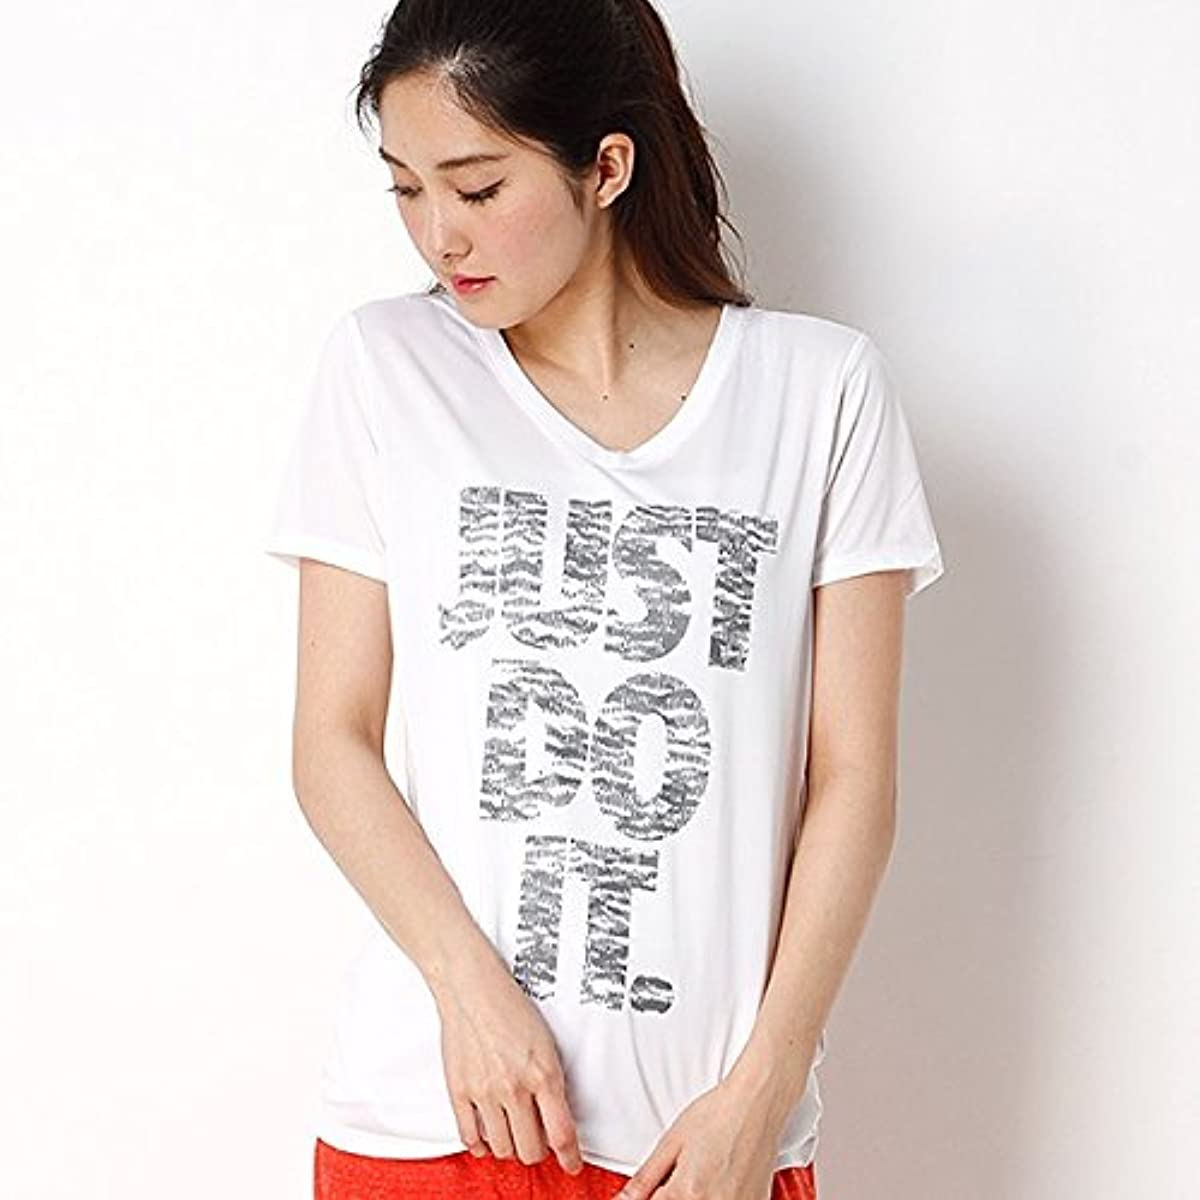 [해외] 나이키(nike 나이키) 【NIKE/나이키】레이디스T셔츠(나이키 women's JDI프린트 V넥 T셔츠)